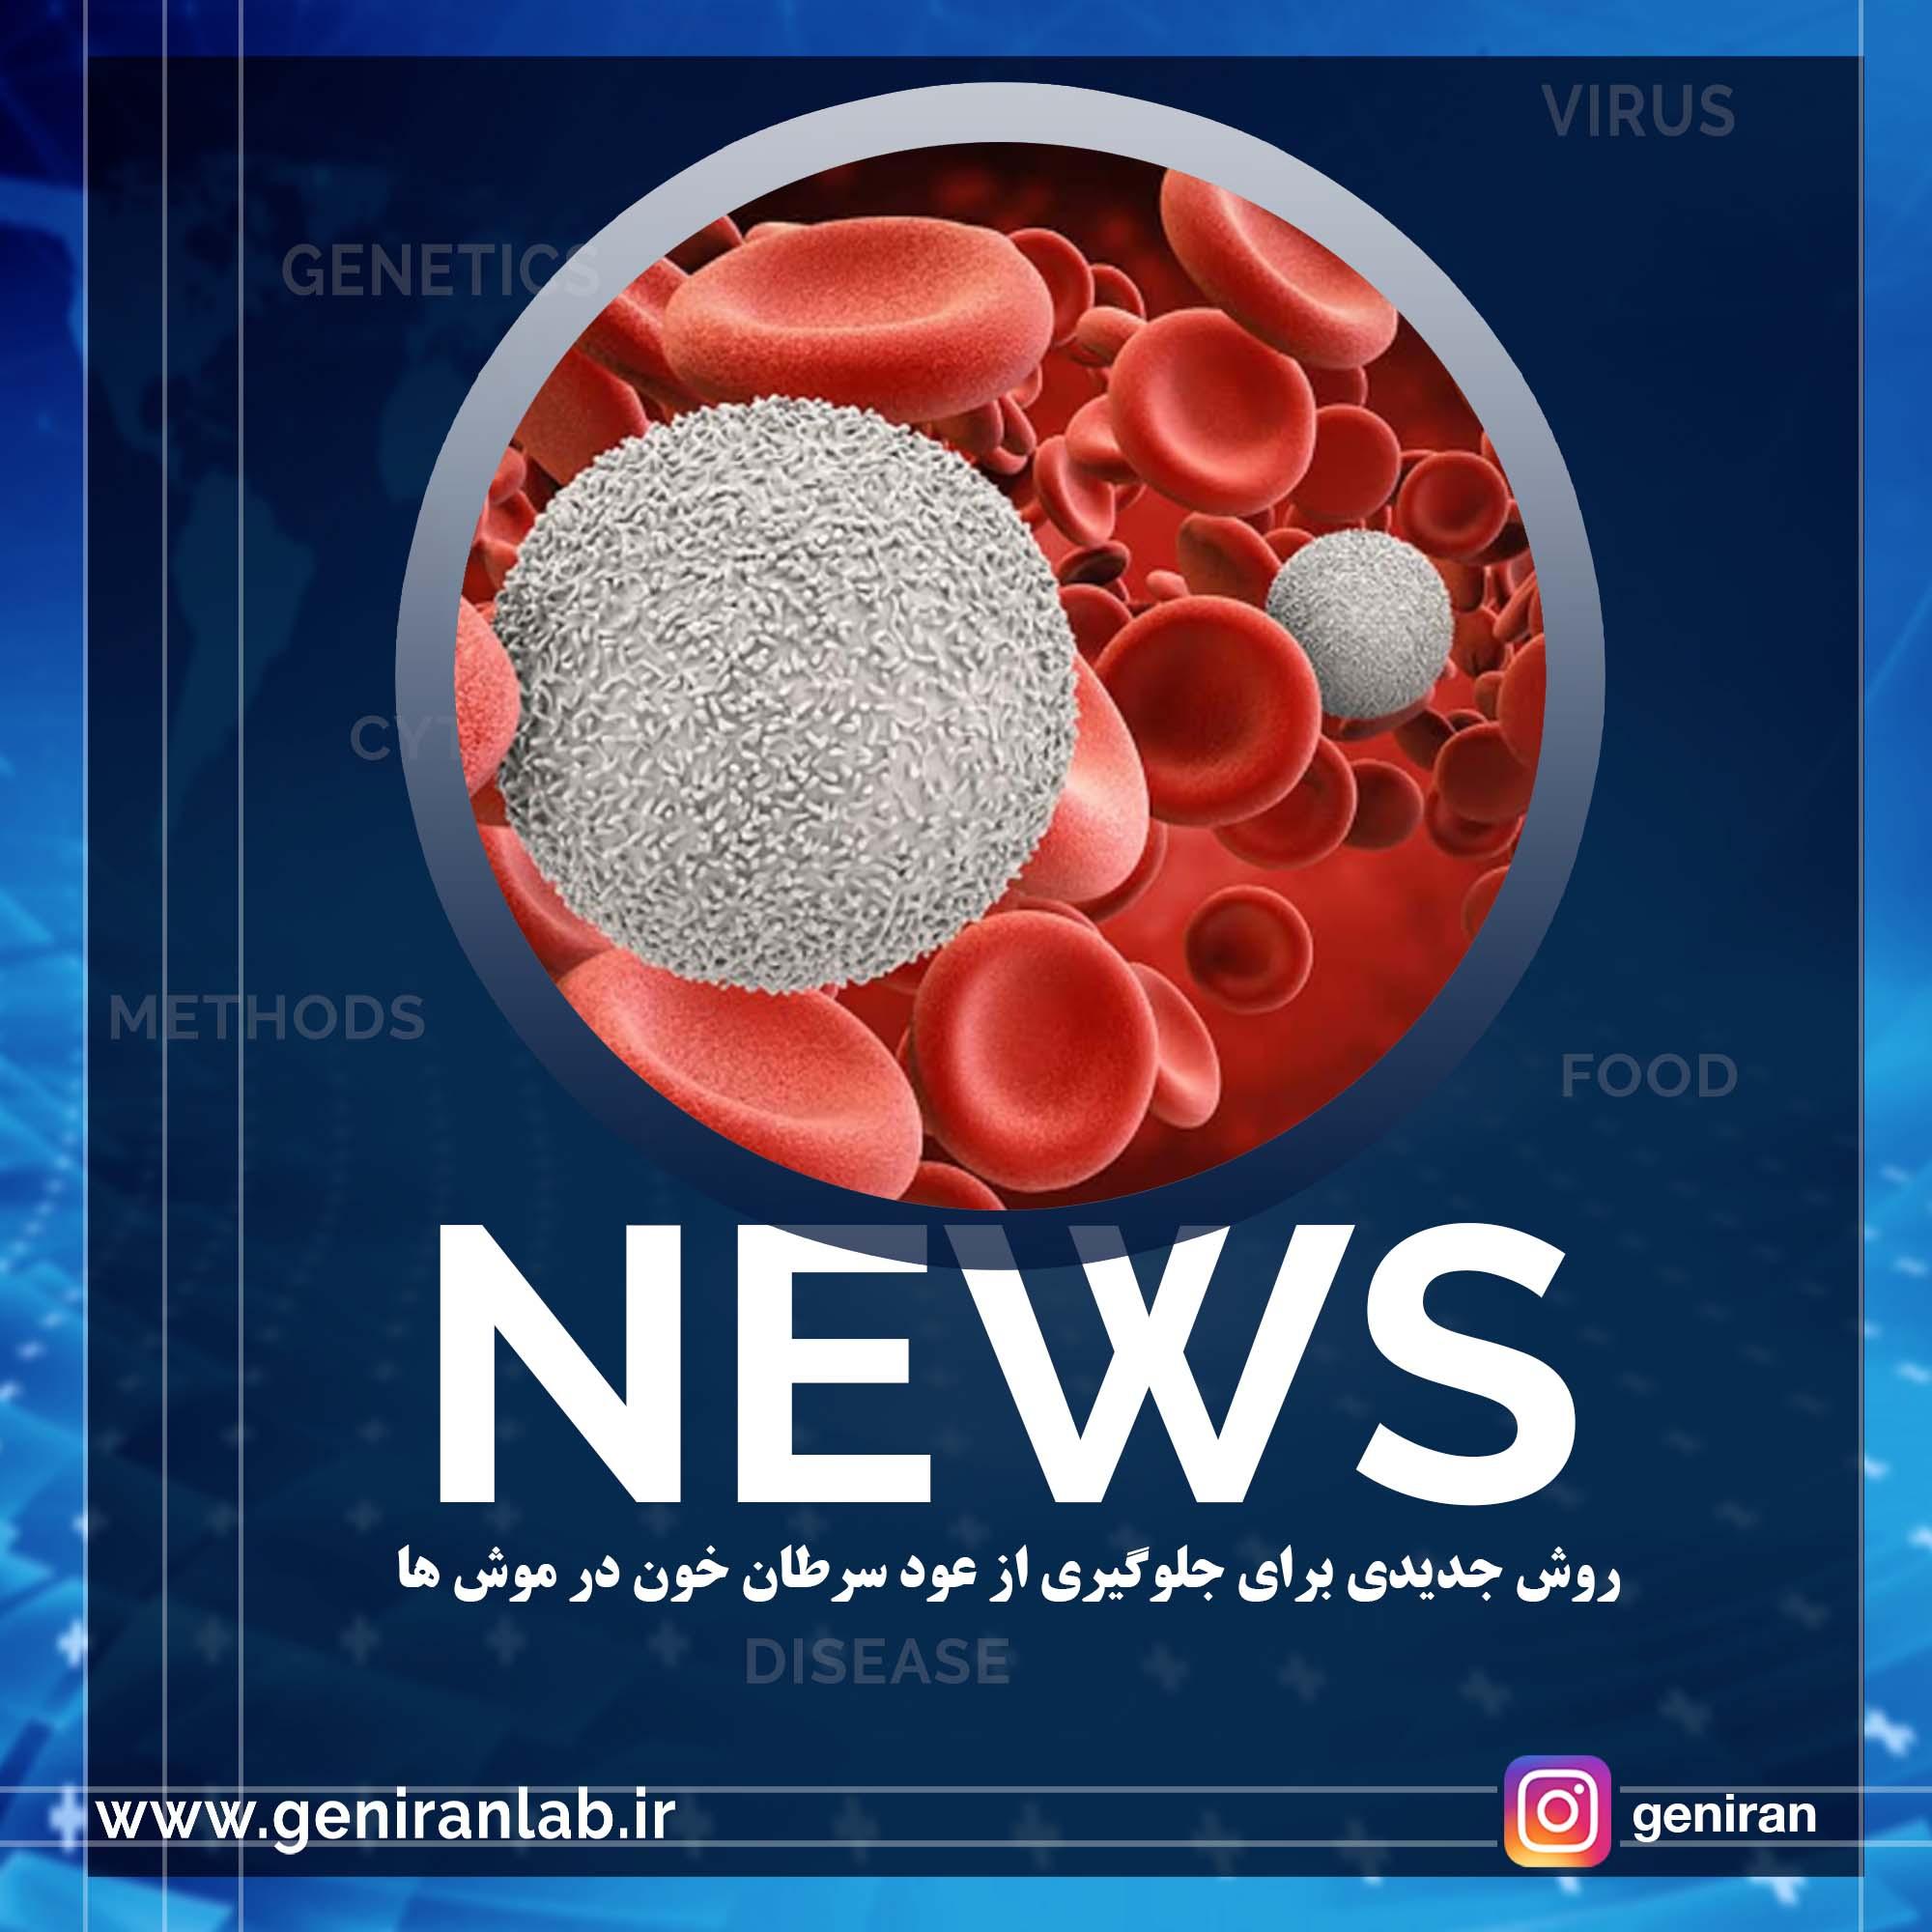 روش جدیدی برای جلوگیری از عود سرطان خون در موش ها